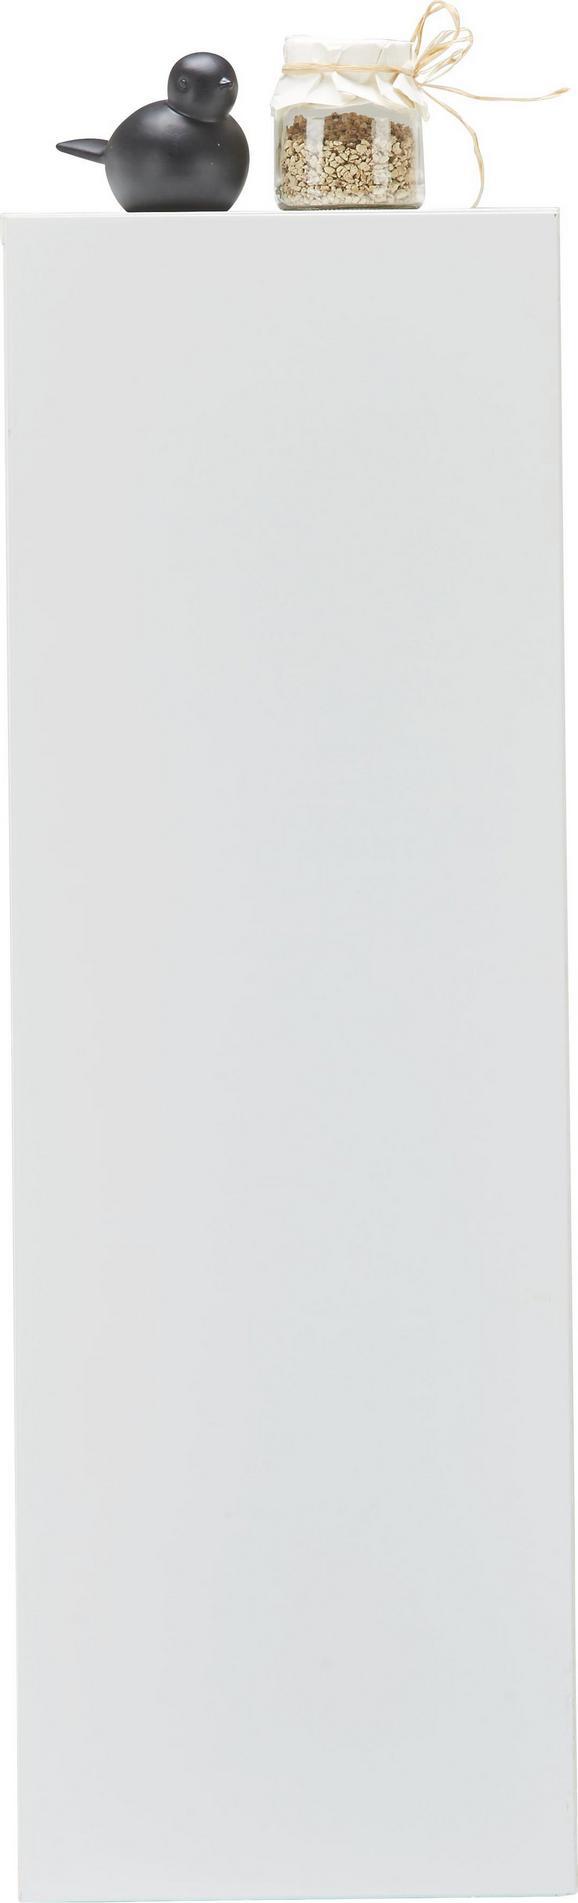 Hängeschrank Weiß Hochglanz - Weiß, MODERN, Holzwerkstoff (90/30/34cm) - MÖMAX modern living